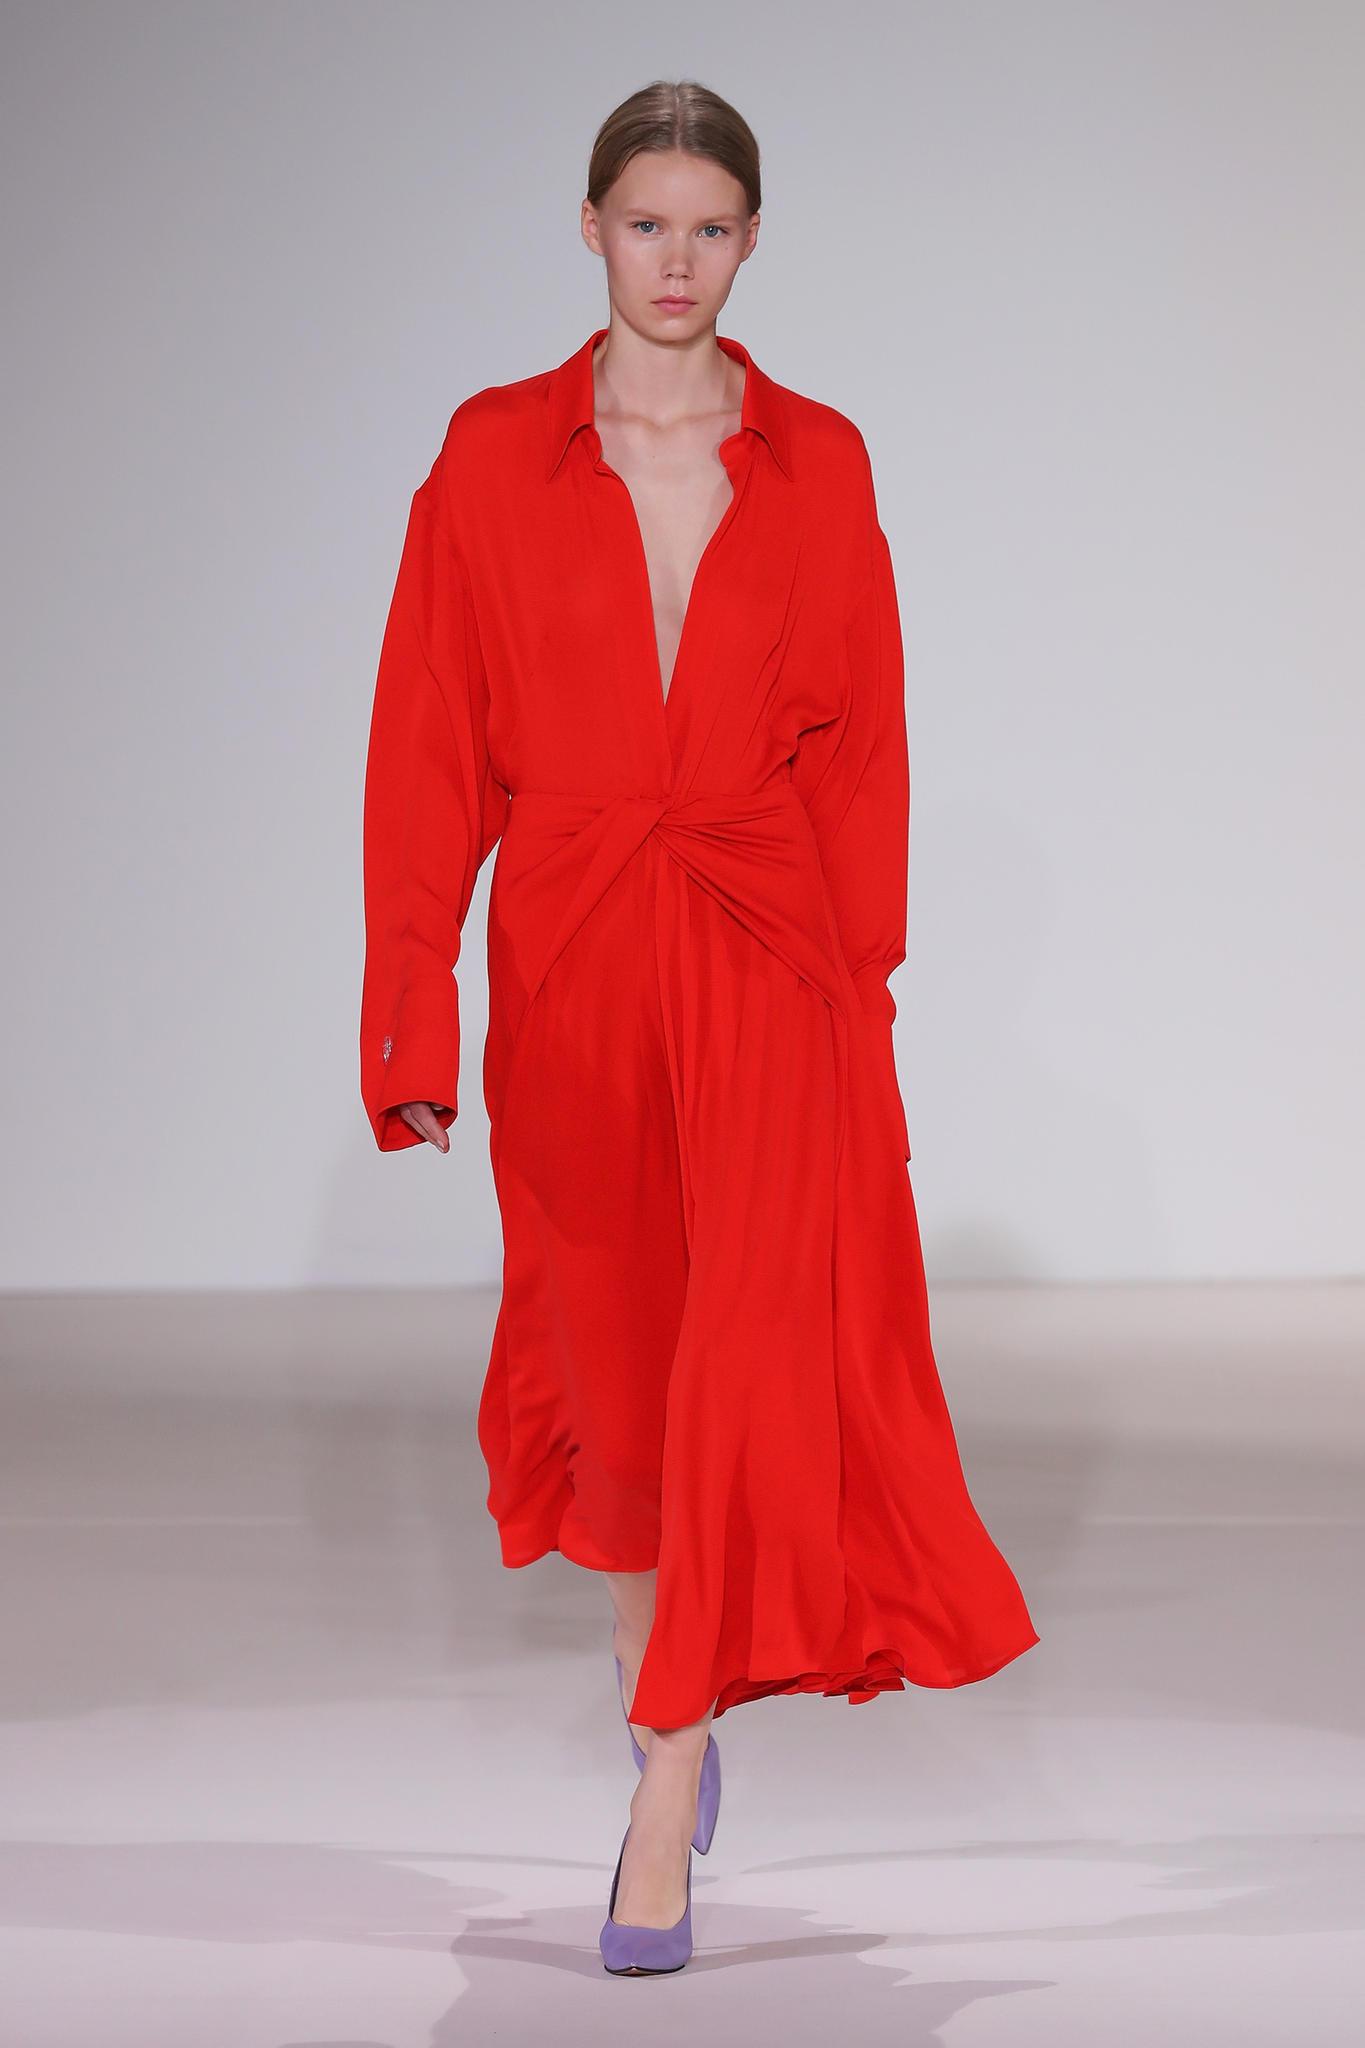 Rotes Kleid bei Victoria Beckham